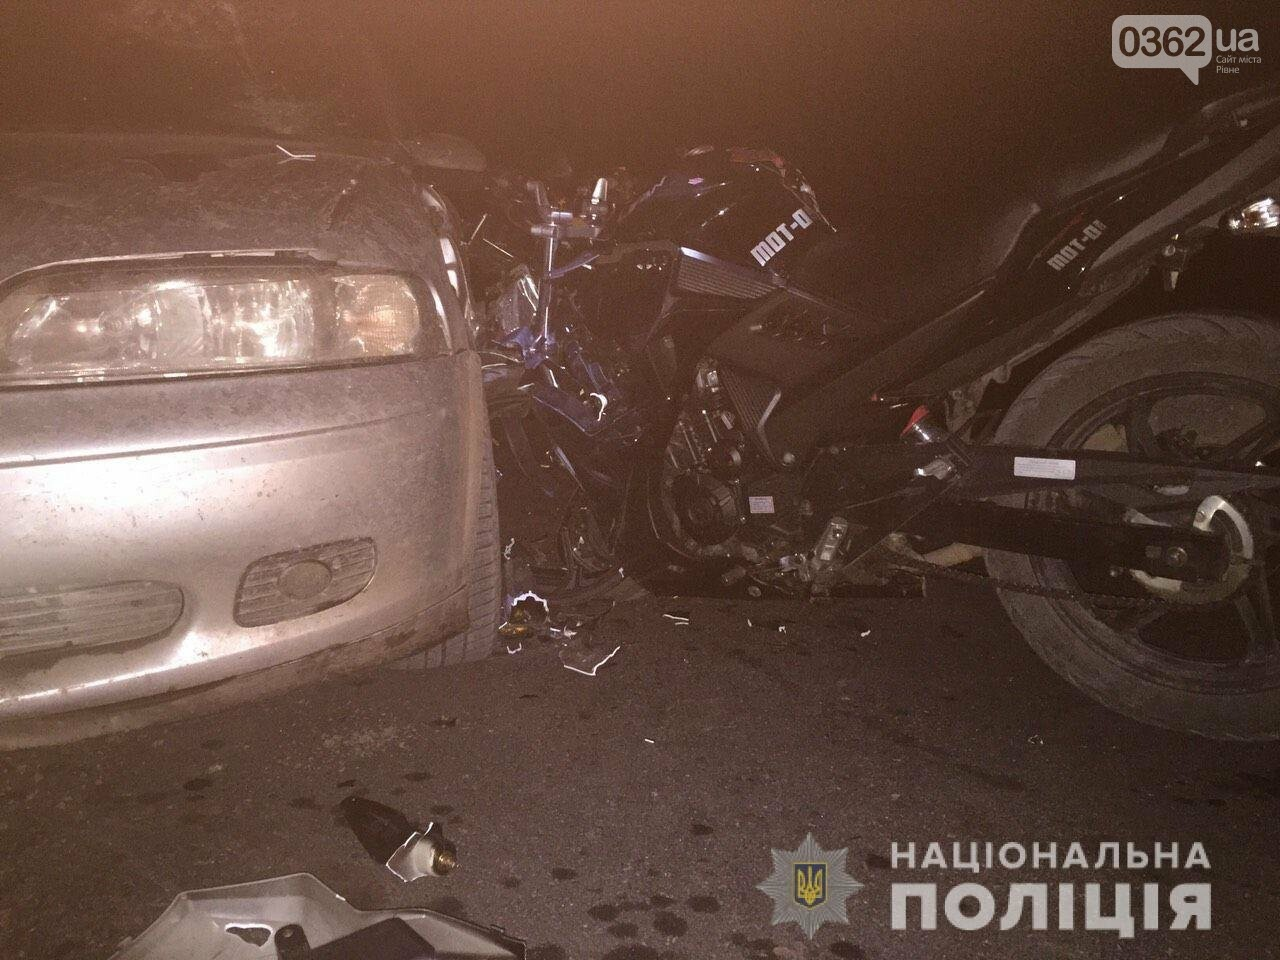 Після ДТП на Рівненщині 17-річний юнак опинився в комі (ФОТО), фото-1